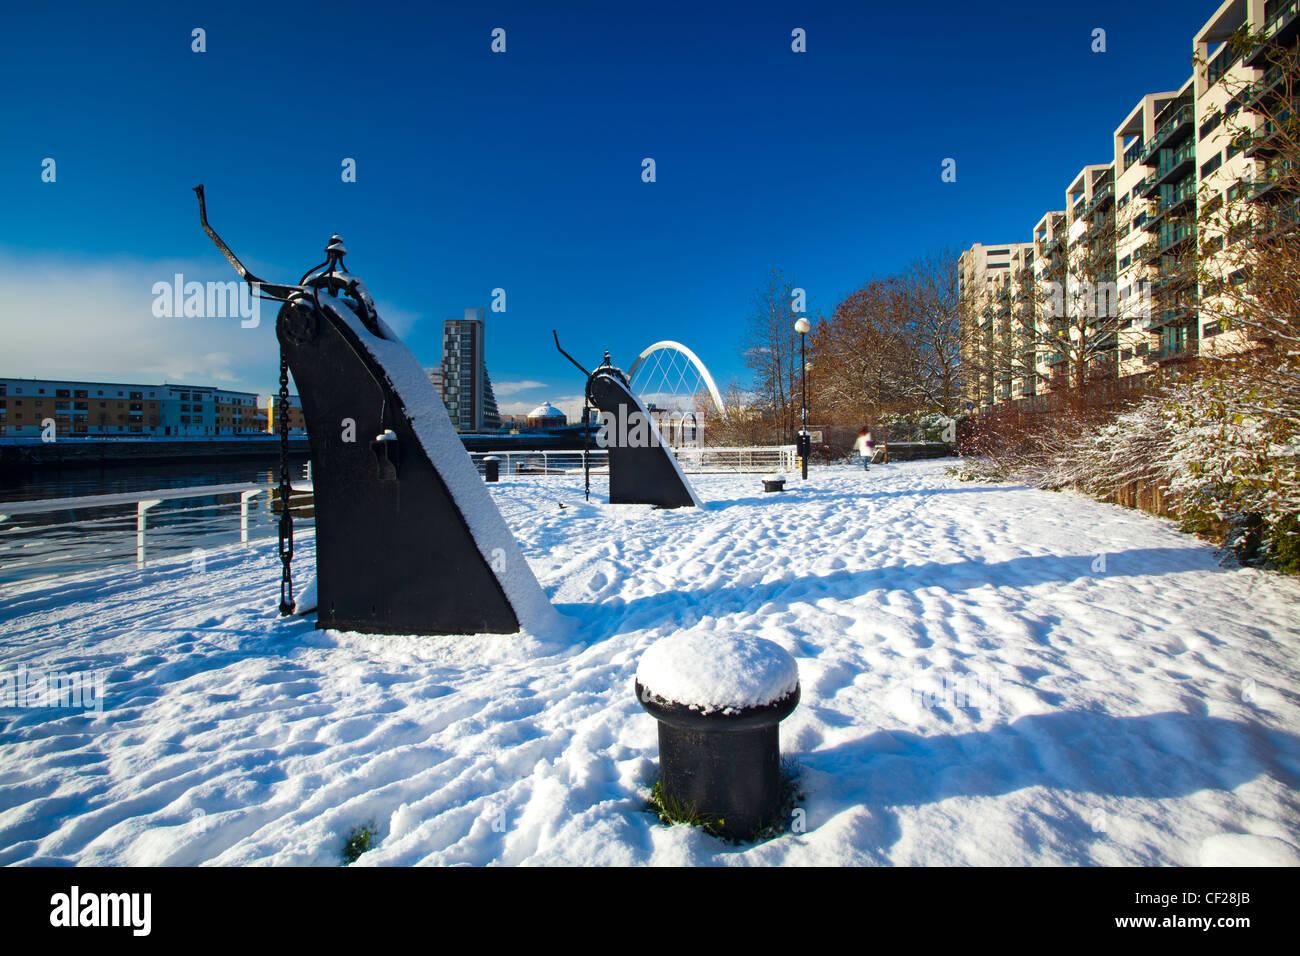 Vue sur le réaménagement de Quayside Clyde salon recouvert de neige vers Glasgow Clyde Arc, plus communément connu sous le nom de la S Banque D'Images